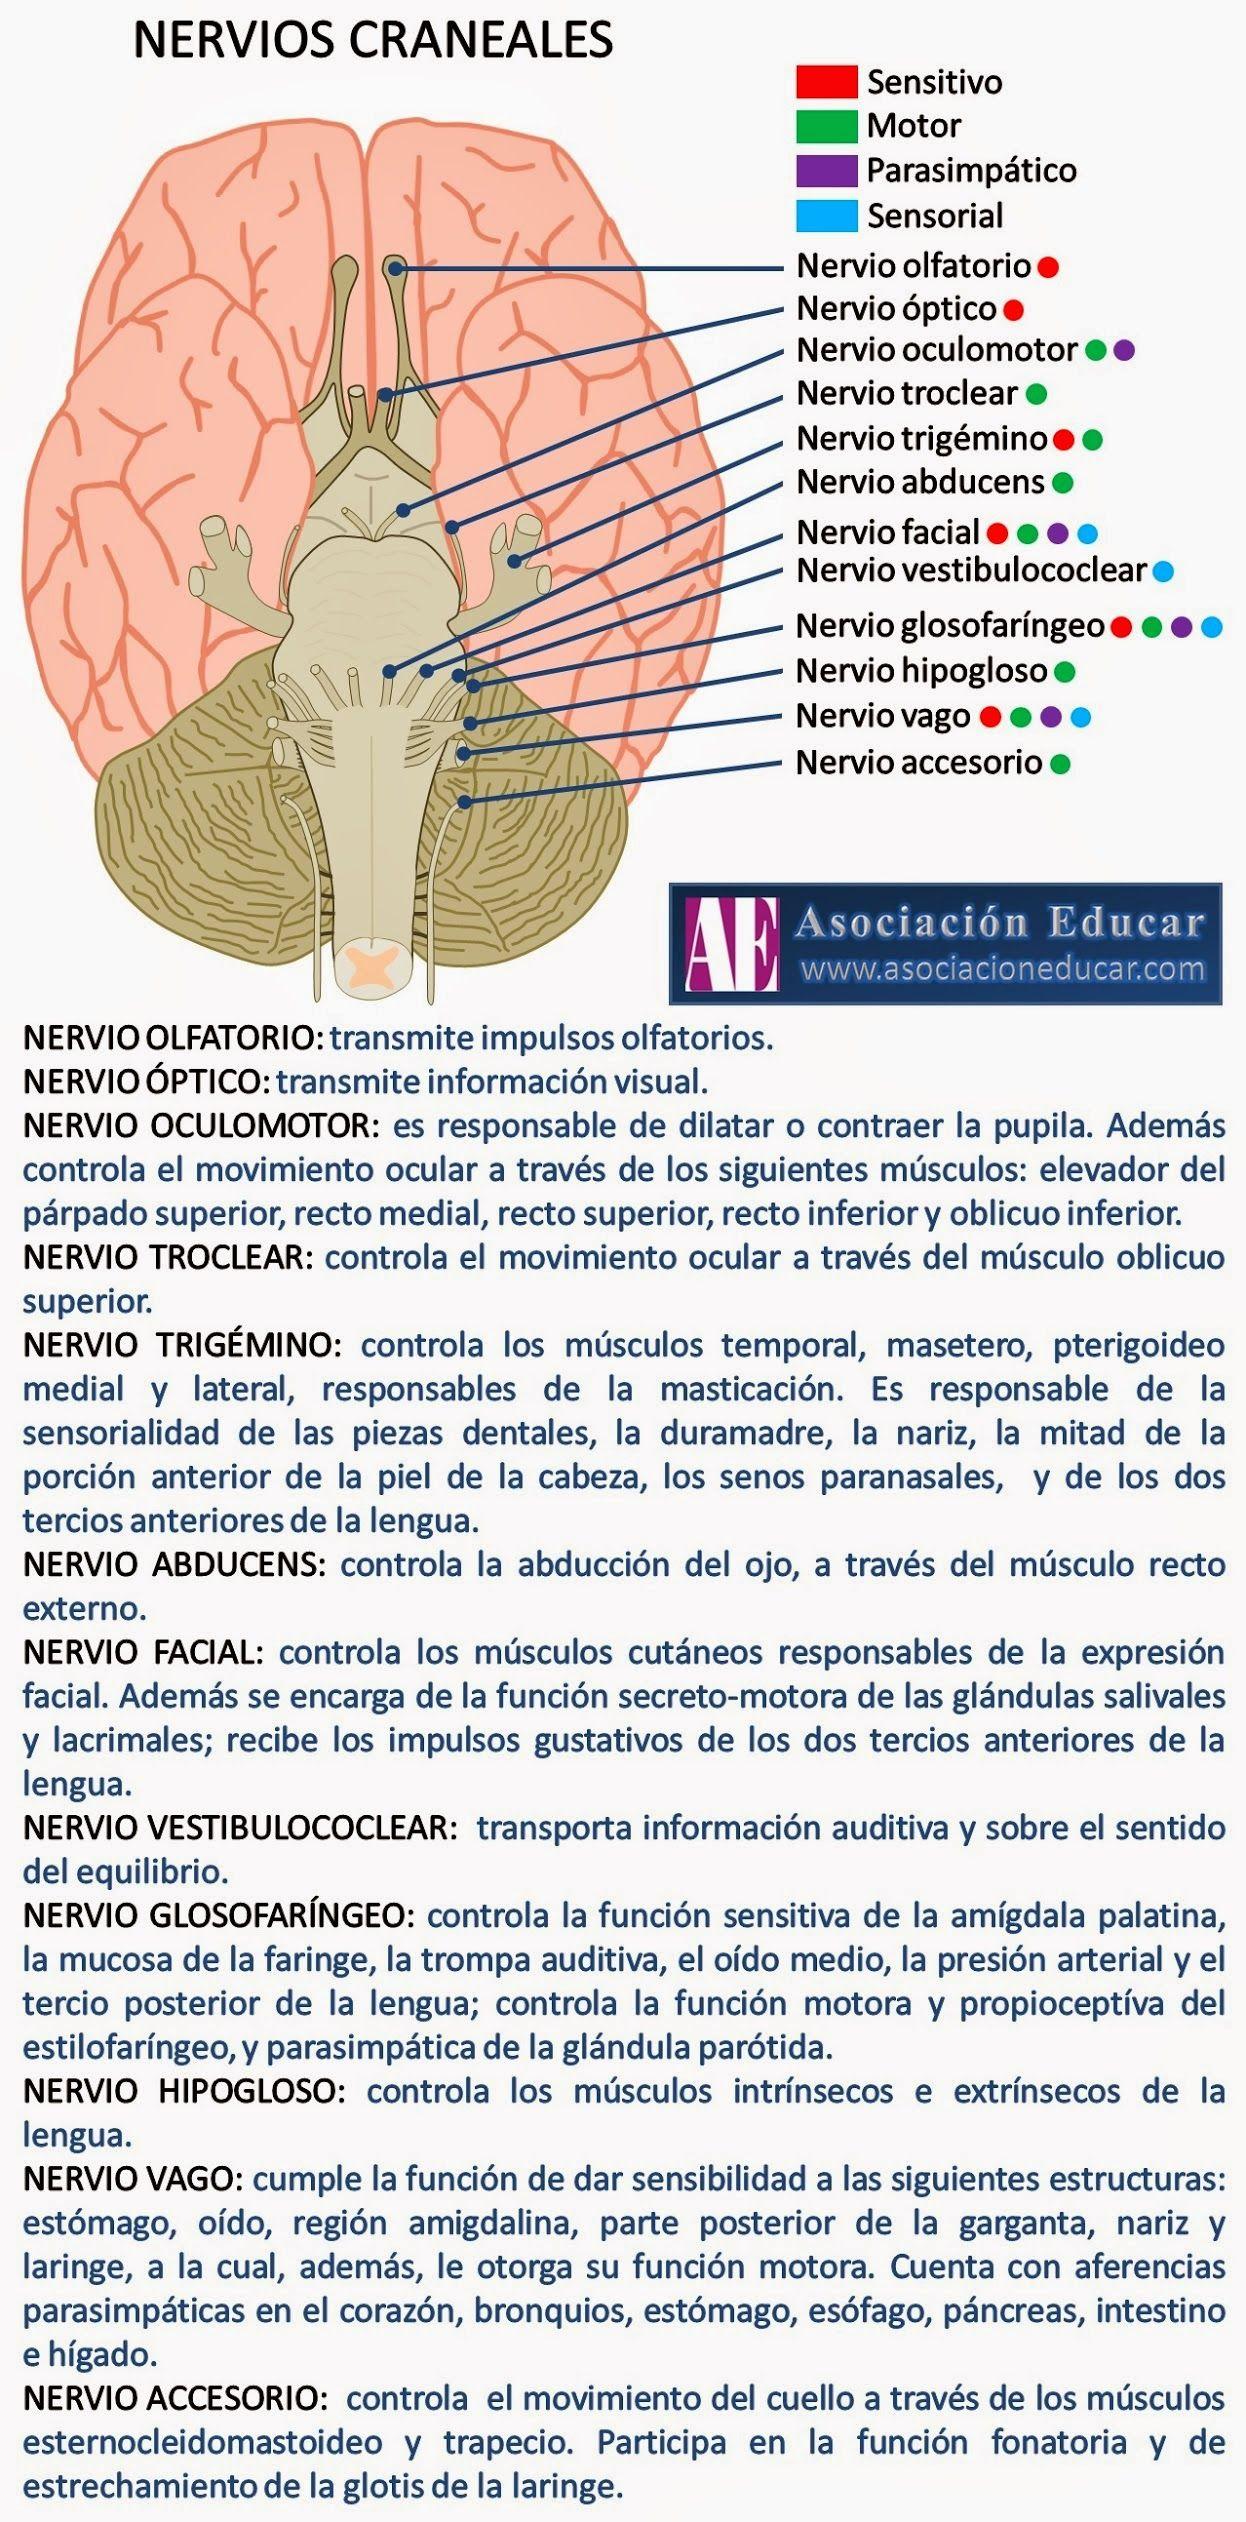 N CRANEALES | Neuroanato | Pinterest | Datos, Medicina y Salud